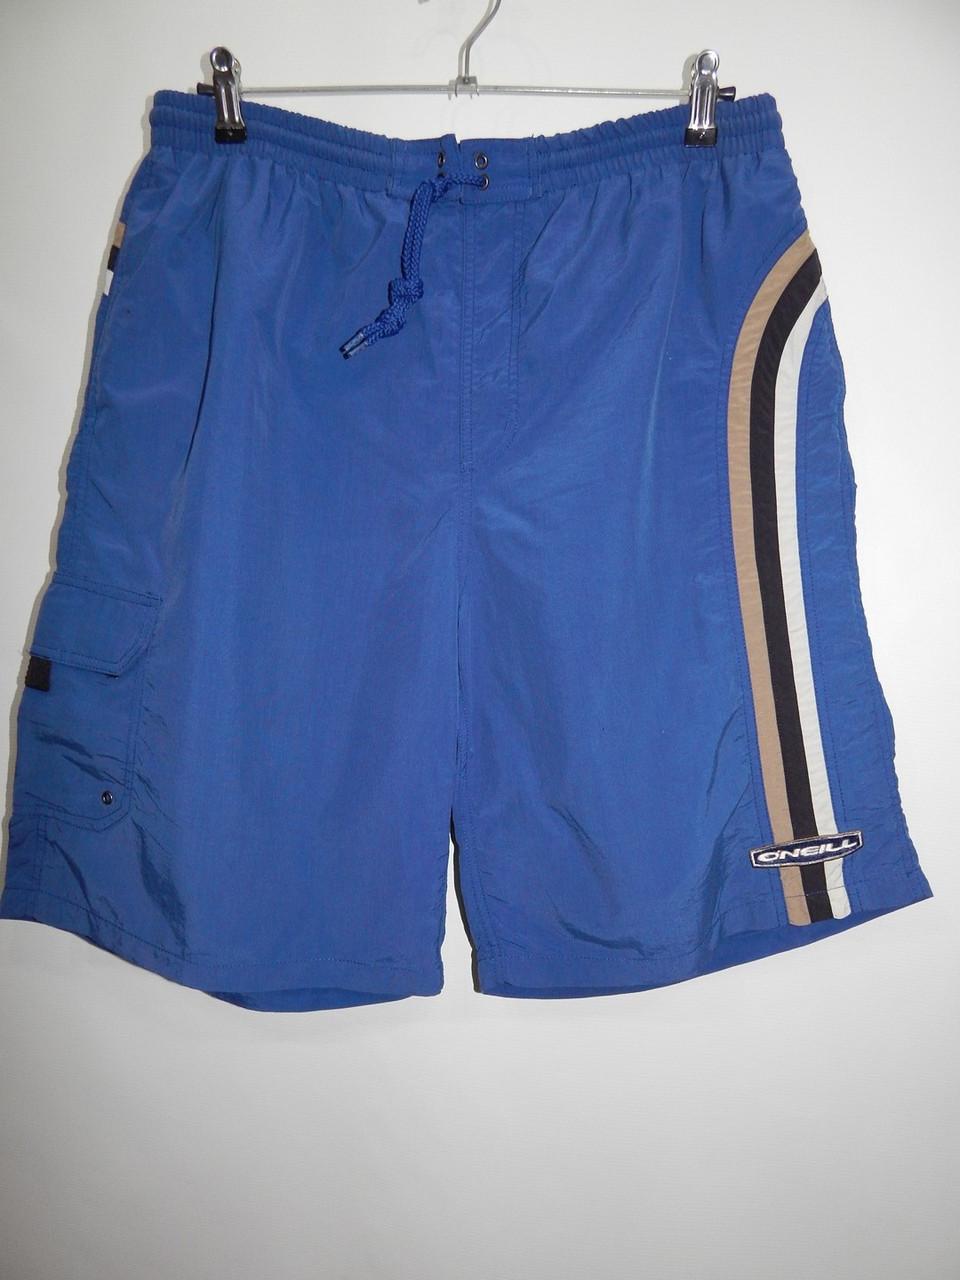 Чоловічі спортивні шорти o'neill р. 52-54 079SHM